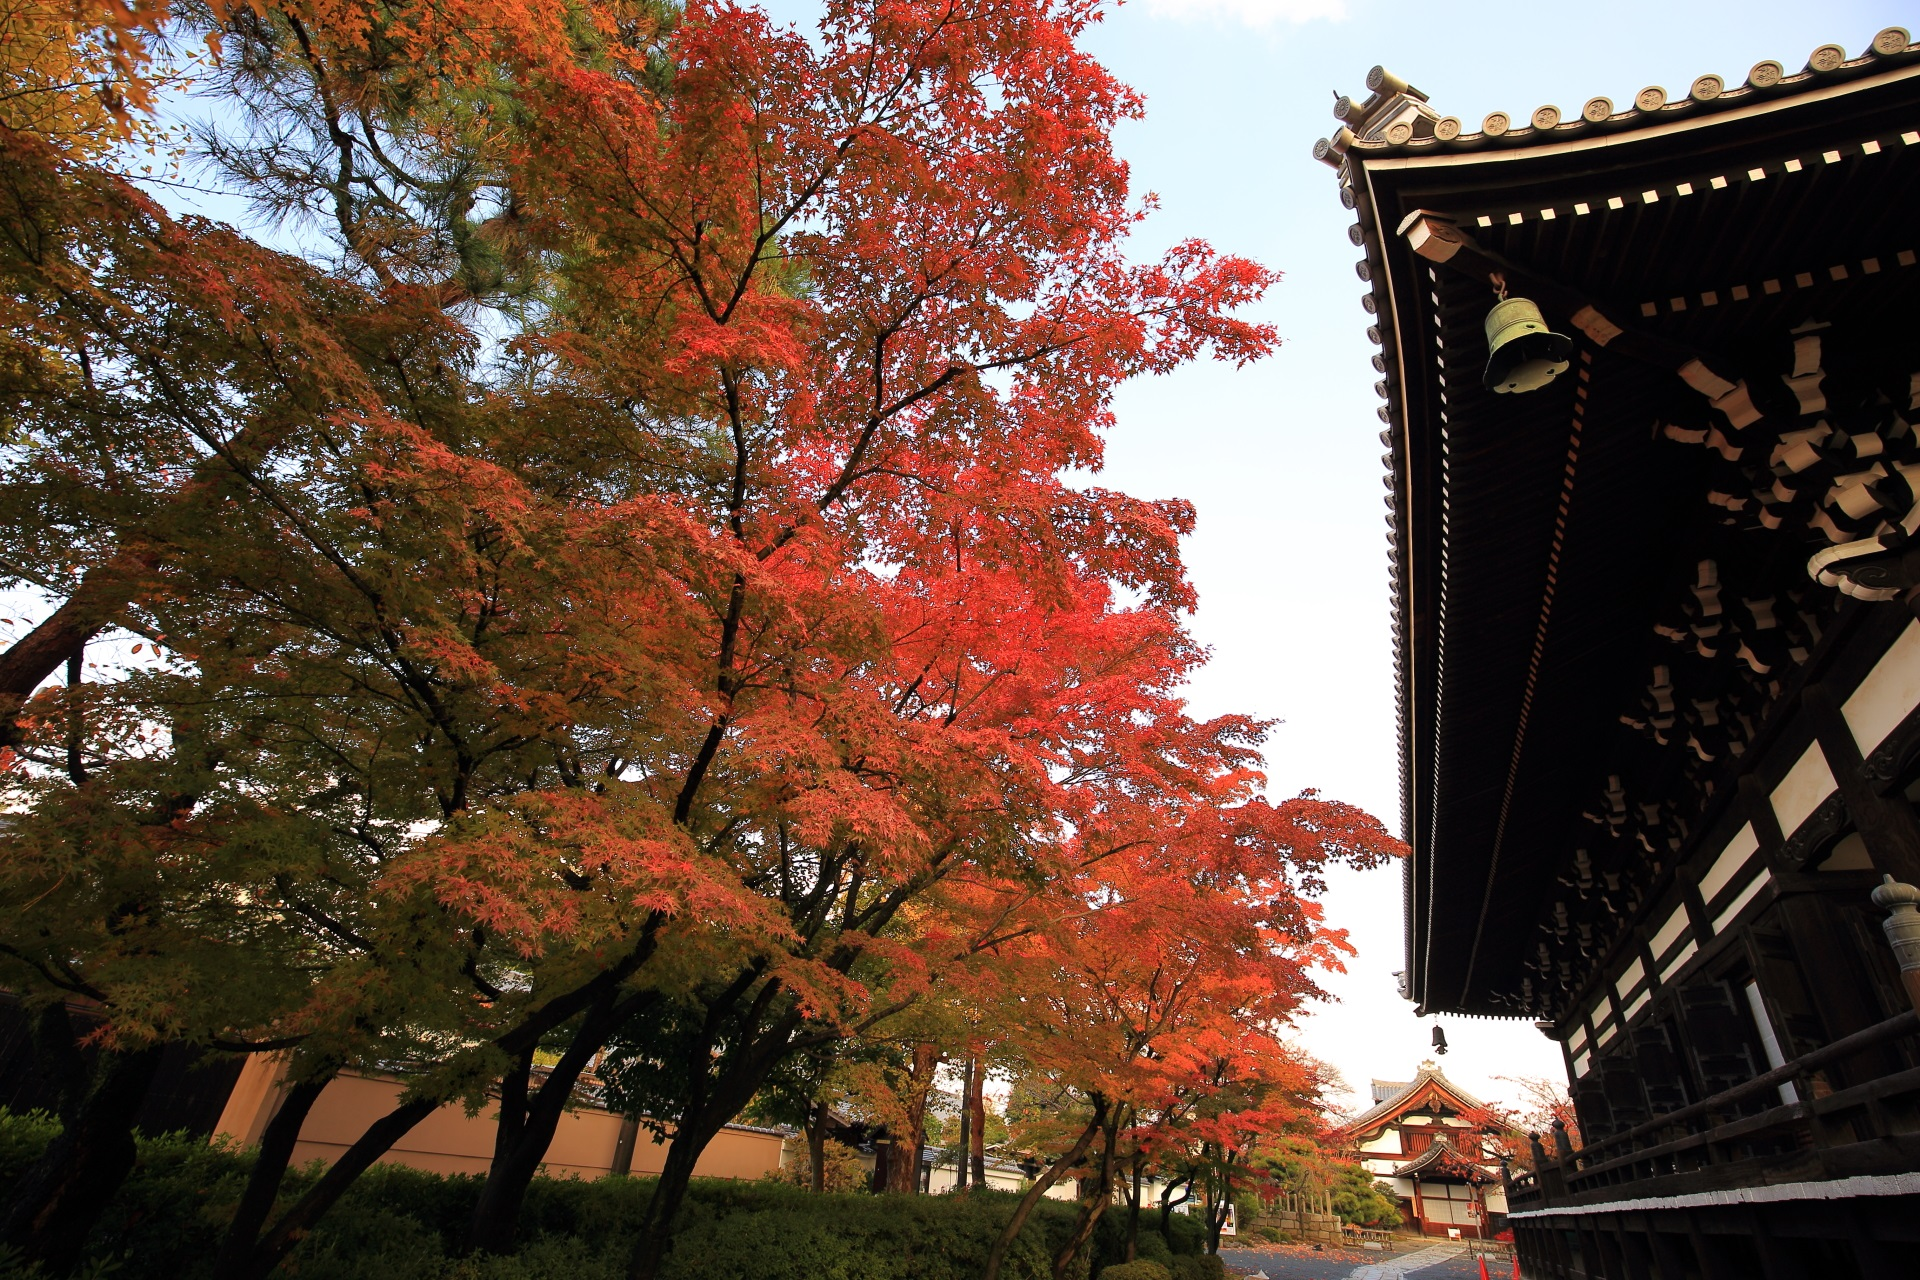 妙顕寺の本堂横の溢れる紅葉